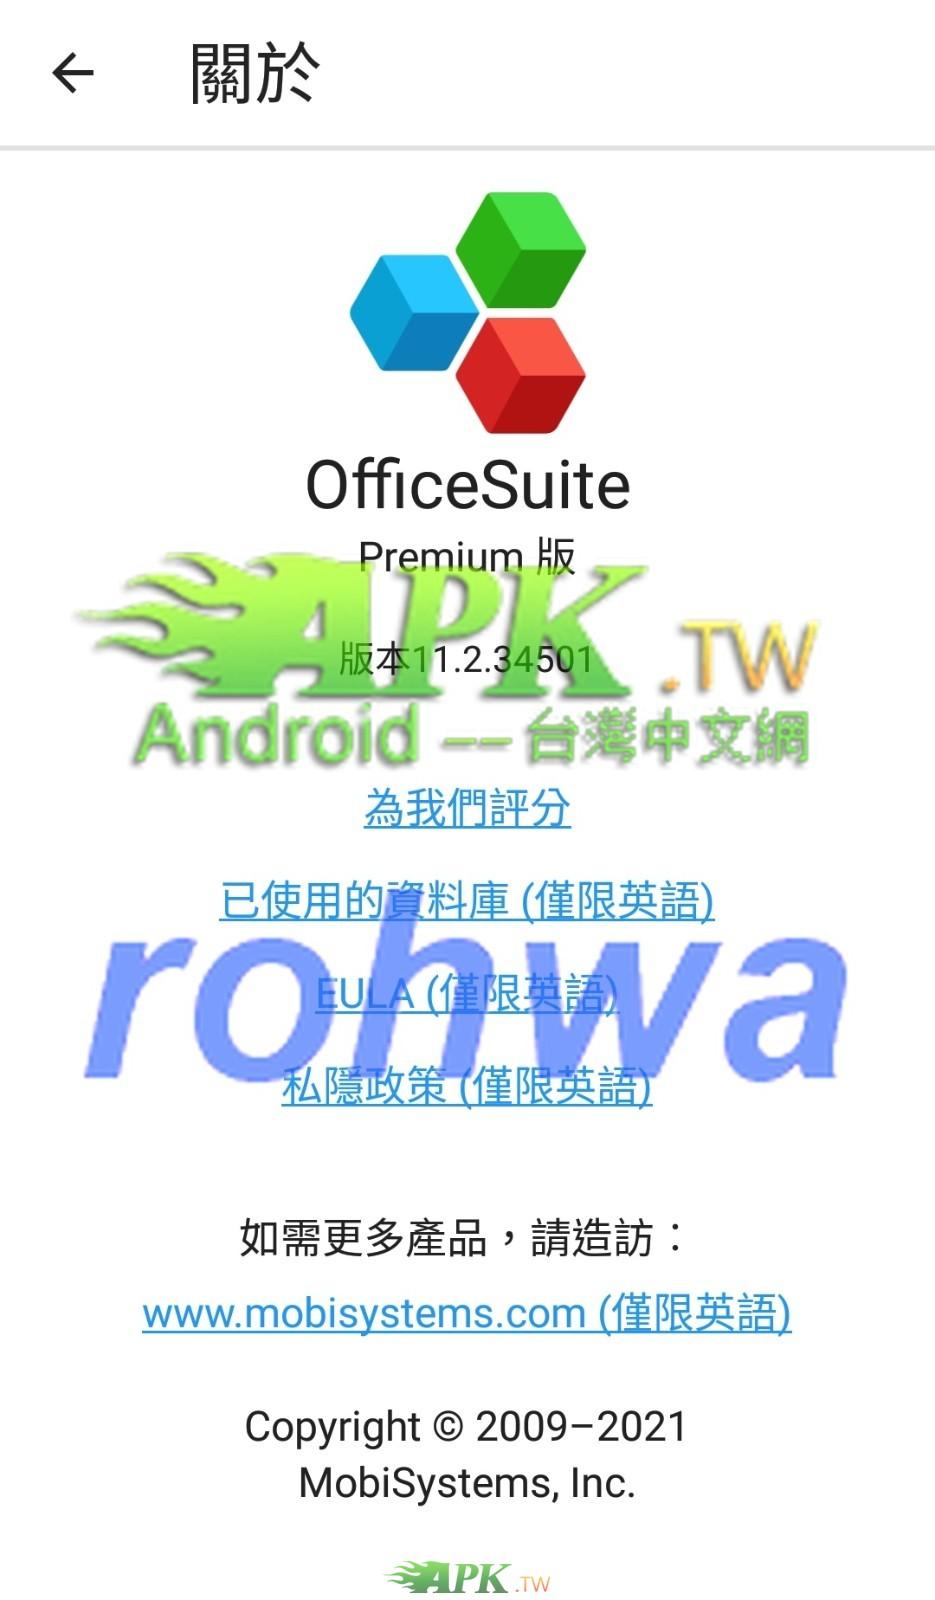 OfficeSuite__2__.jpg